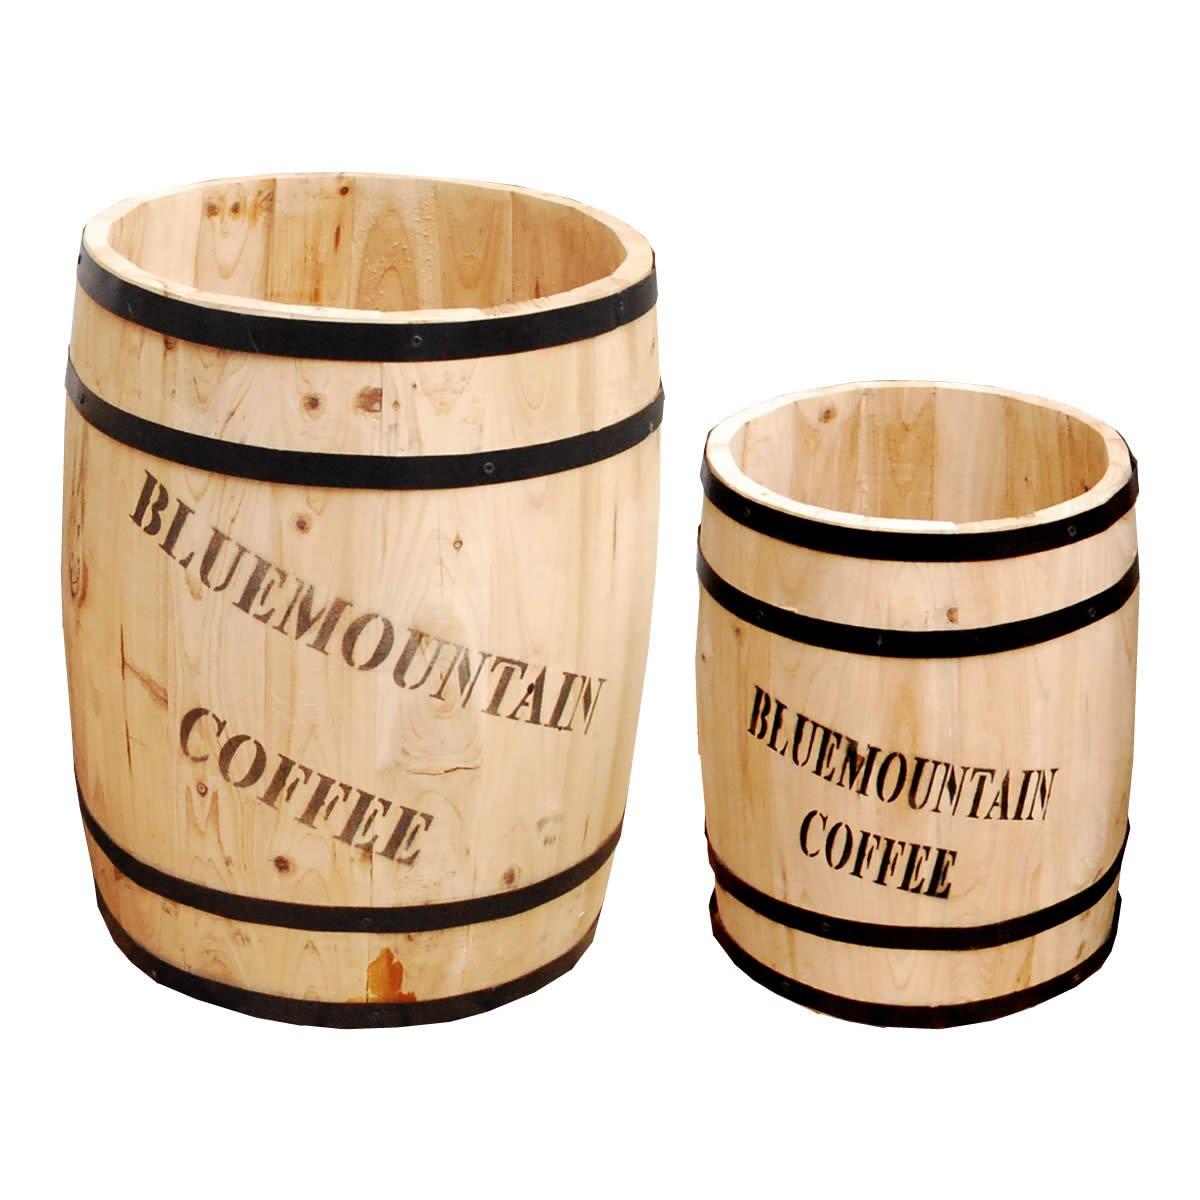 コーヒー樽プランター 大小2個組 / 植木鉢 プランター スタンド おしゃれ 木製 大型 深型 B07CGZGQSH